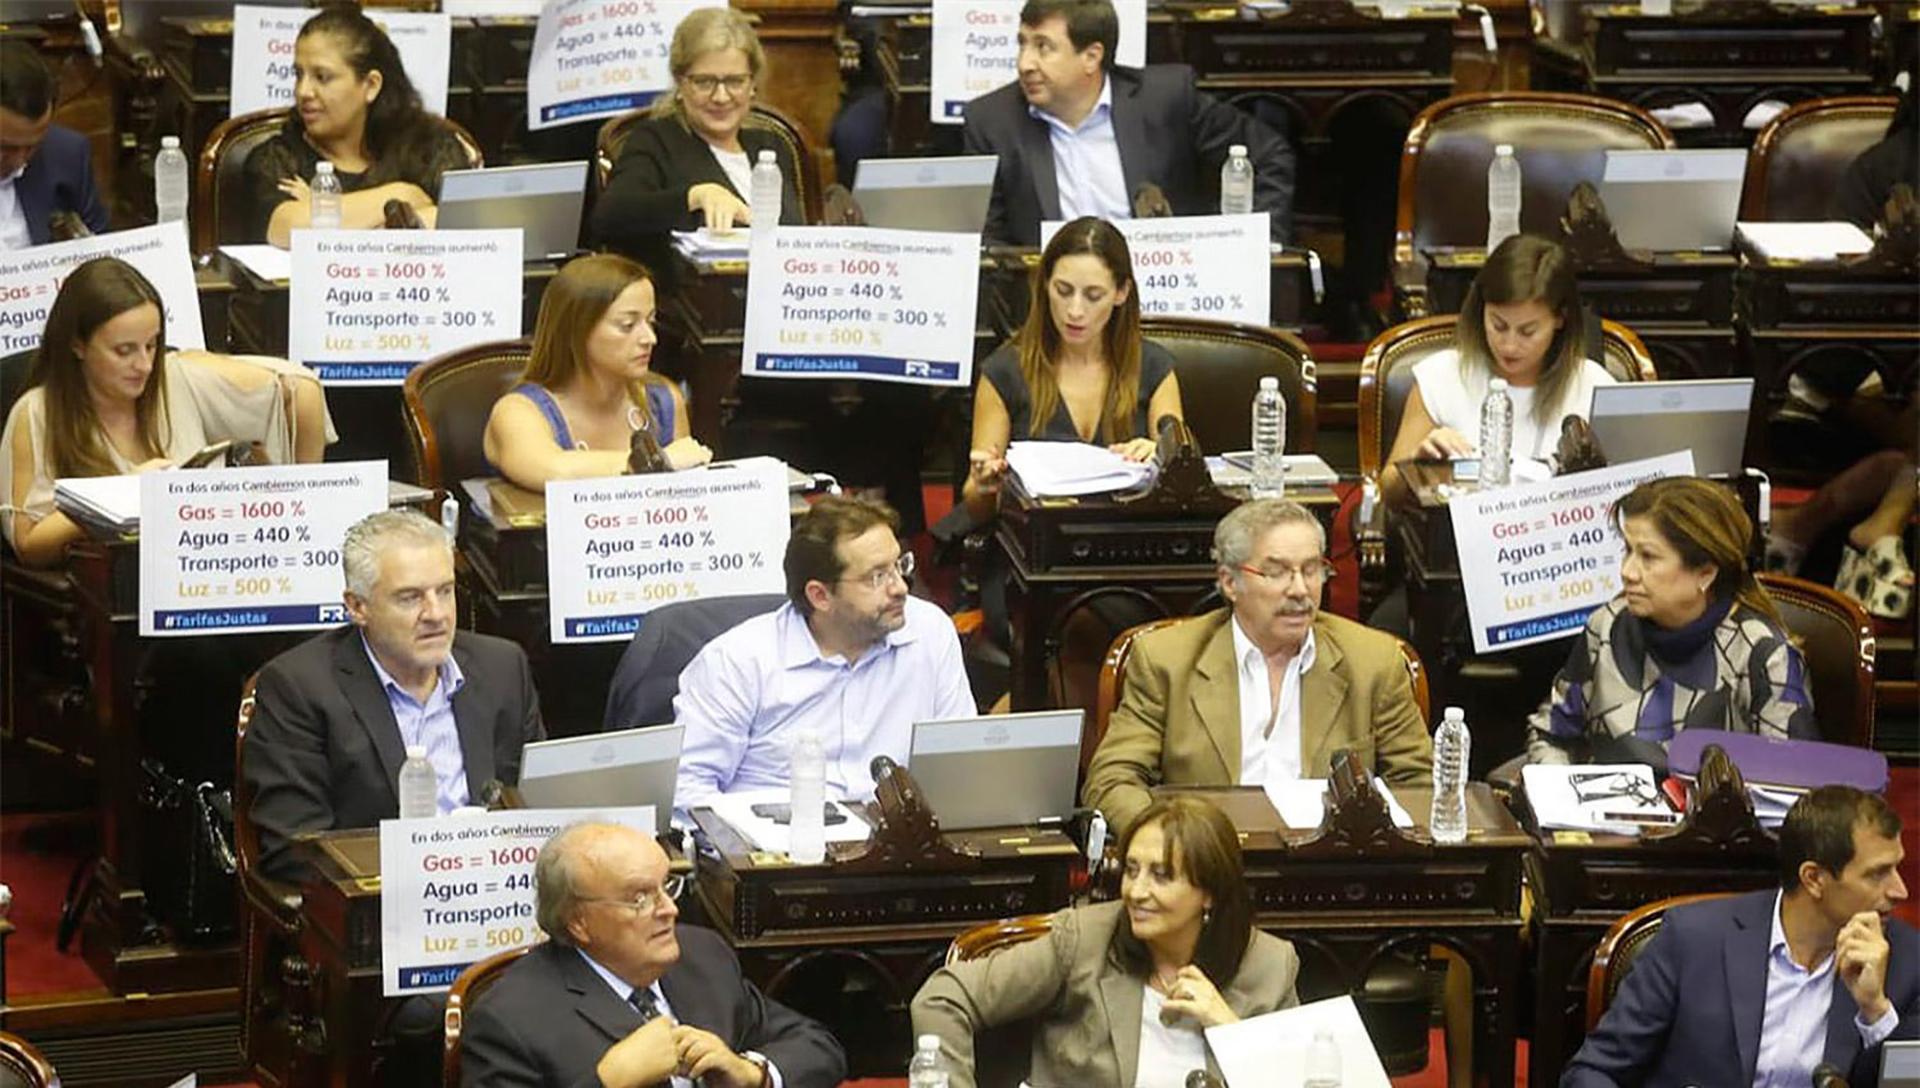 """Cada vez que el peronismo complota con carteles y discursos en el Congreso, crecen las acciones de Buenos Aires como la Capital Mundial del rumor. """"Son unos caraduras. Acá lo que más aumentó fue el salario de ellos"""" dice el jefe de la limpieza del edificio."""